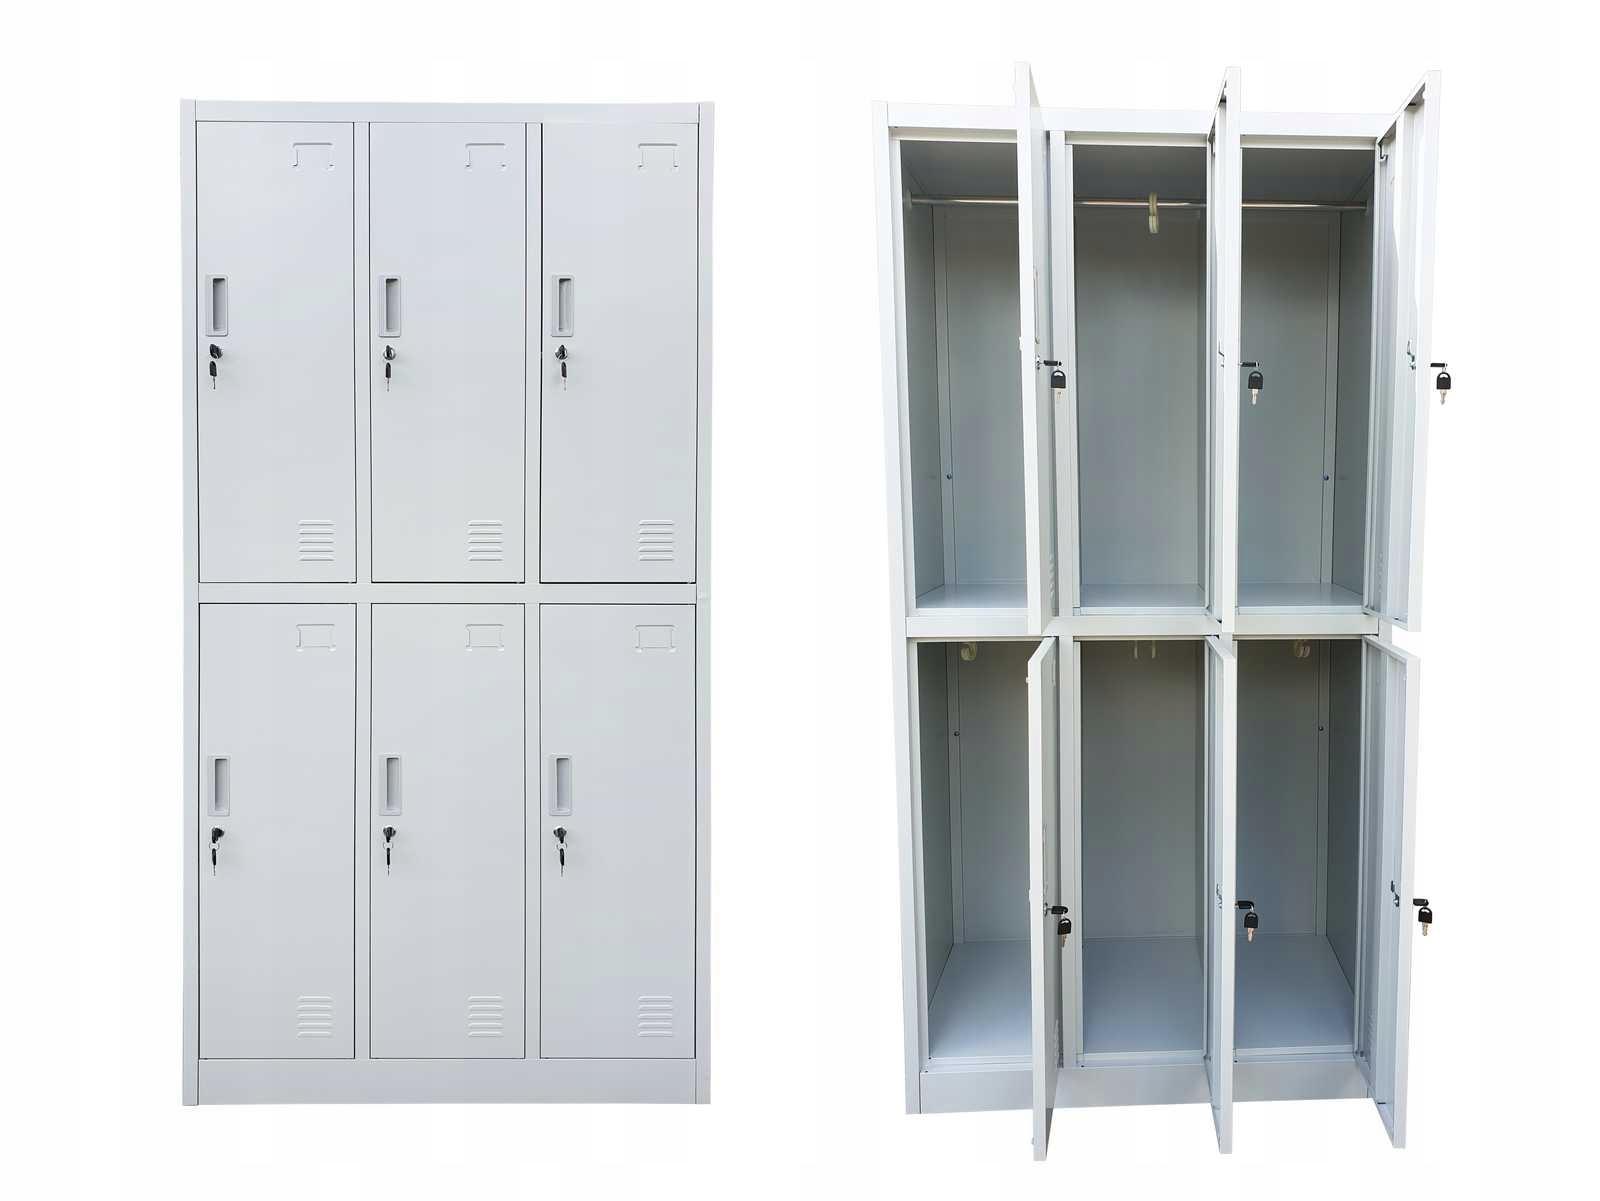 шкаф ШКАФ шкаф для одежды СОЦИАЛЬНАЯ охране ТРУДА skrytkowa 6kom